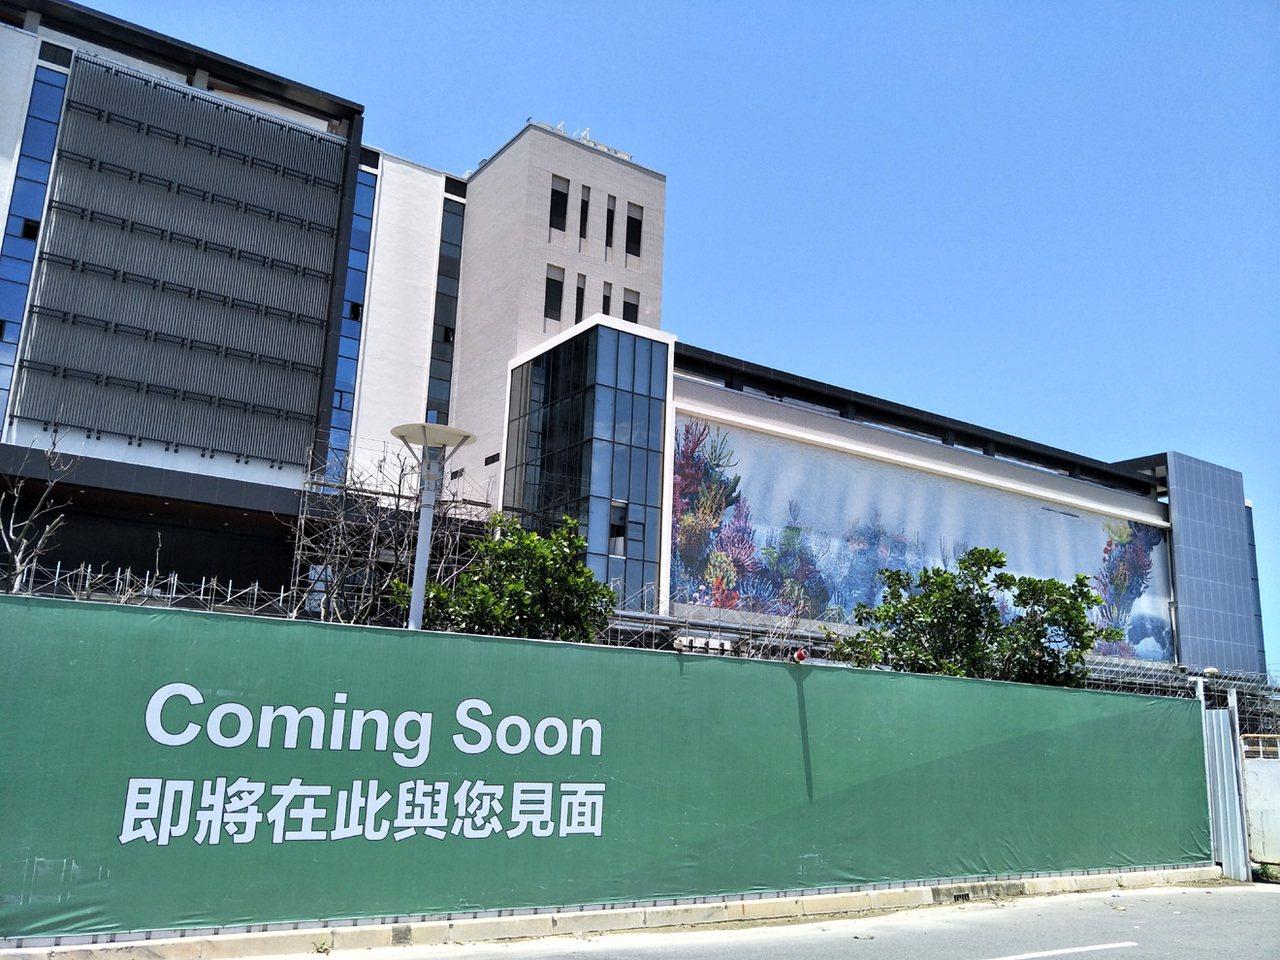 日本橫濱八景島打造全台最大國際八景島水族館、搭配新光影城、觀光旅館大樓外觀硬體趕...